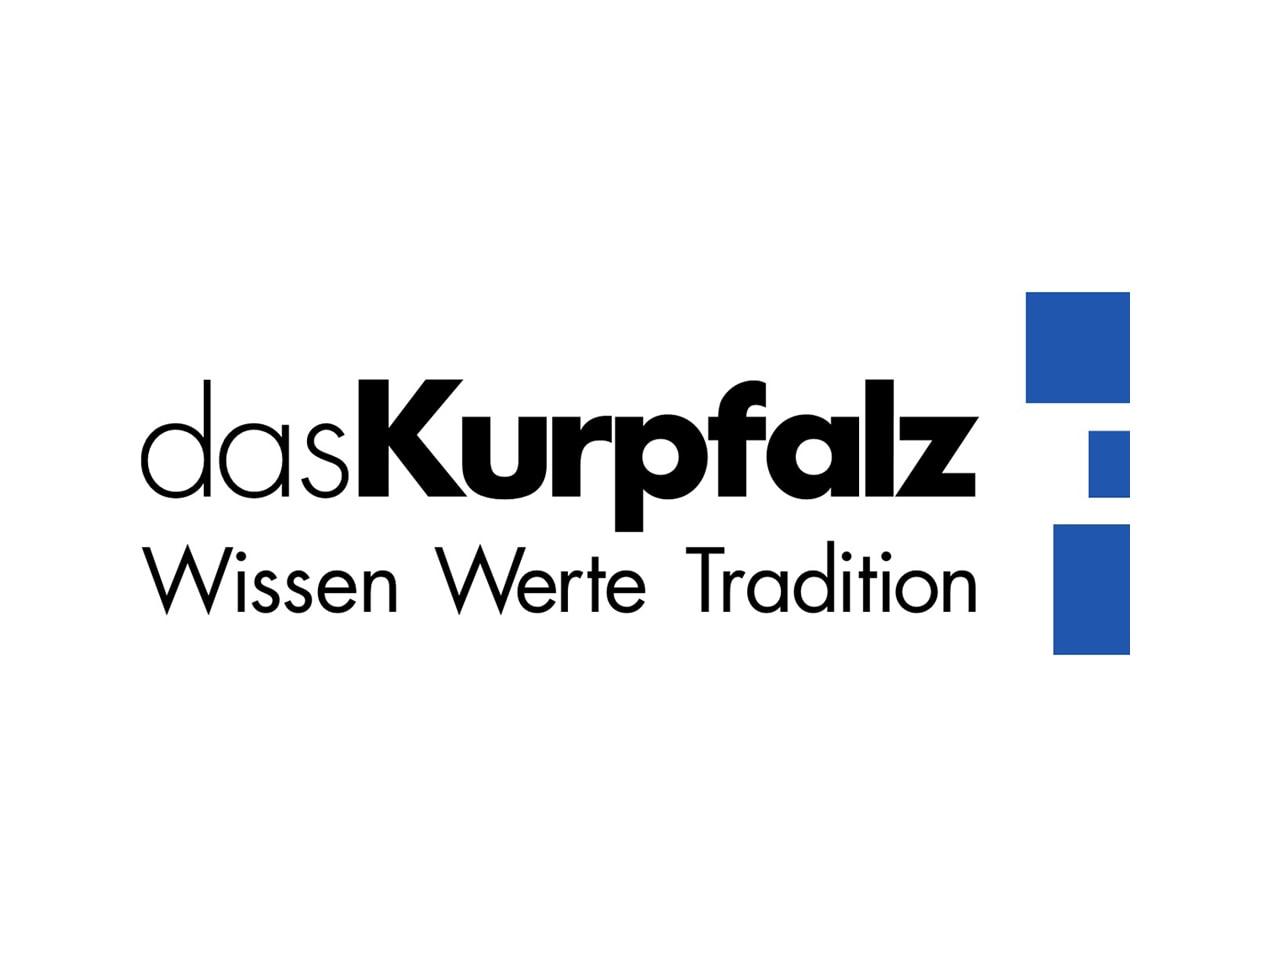 dasKurpfalz Logo